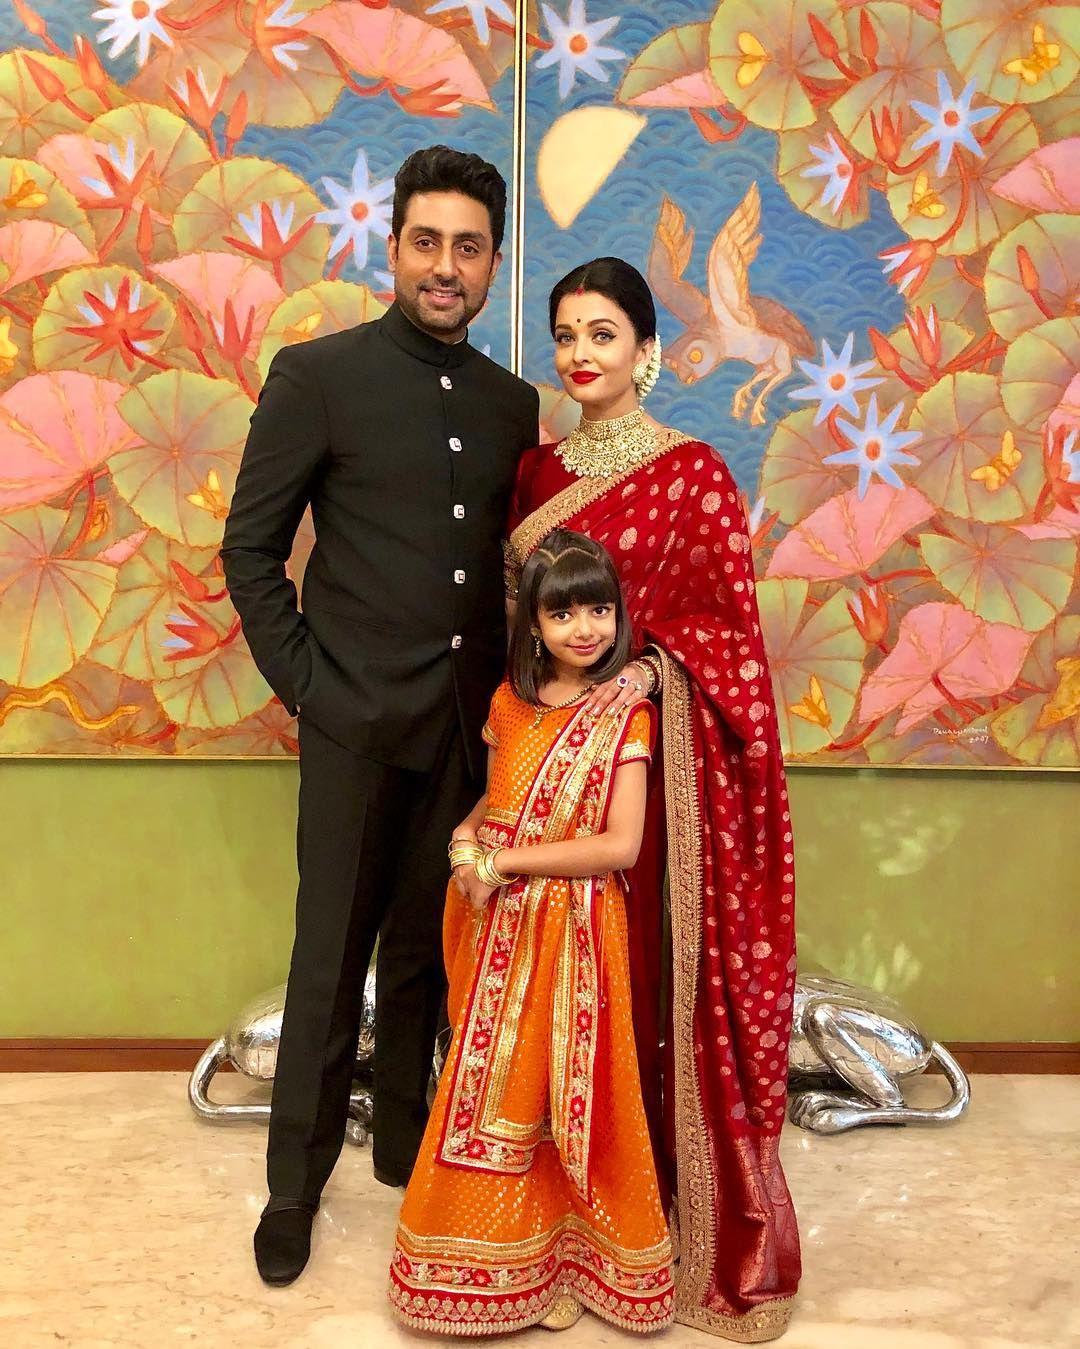 Pin By Bre L On Aishwarya Rai Saree Look Bollywood Fashion Bollywood Wedding